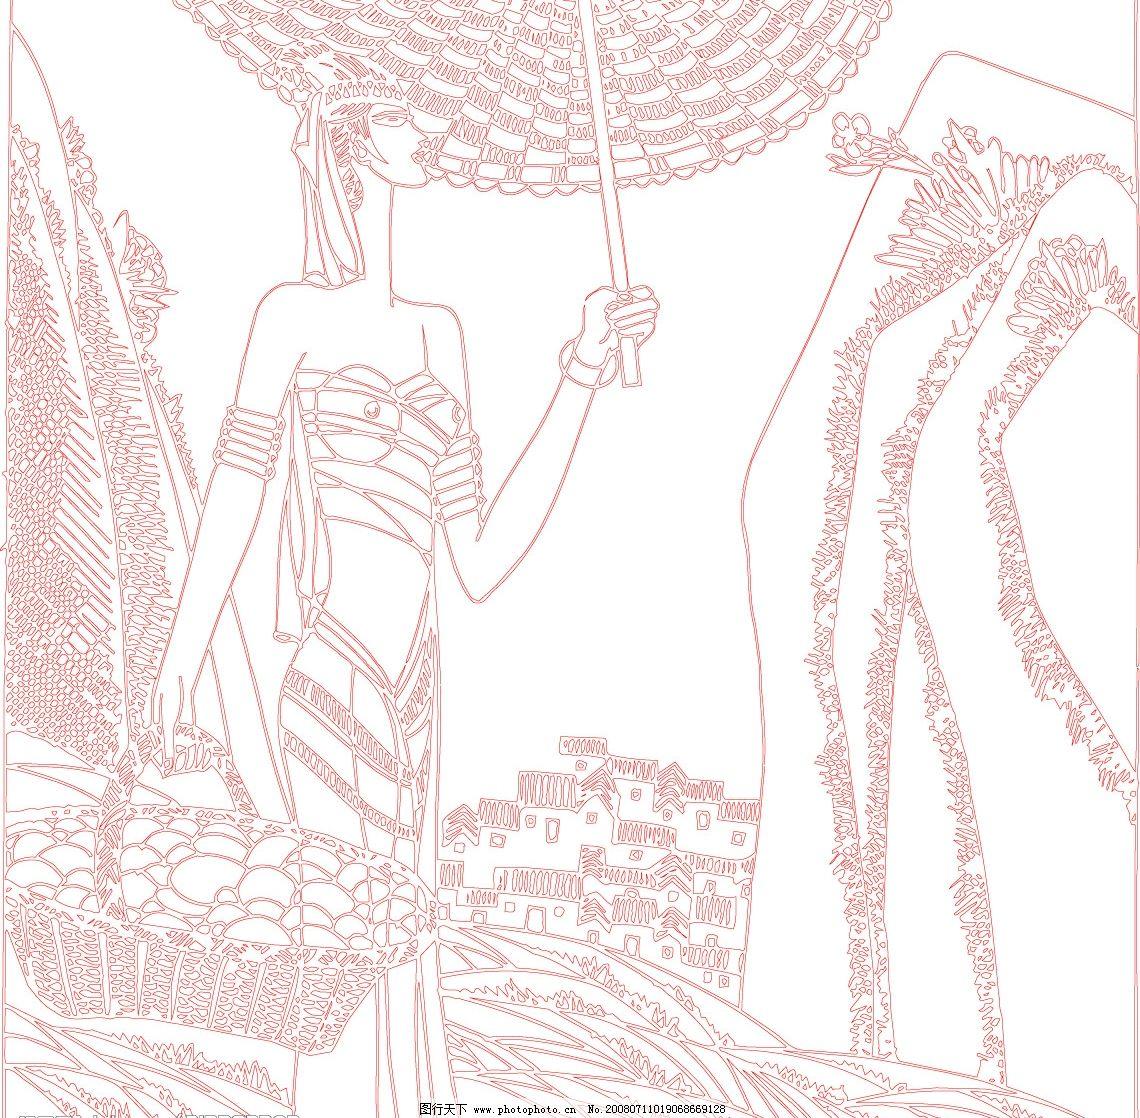 美女 精美线条 伞 树 篮子 村庄 山 人物造型 文化艺术 美术绘画 矢量